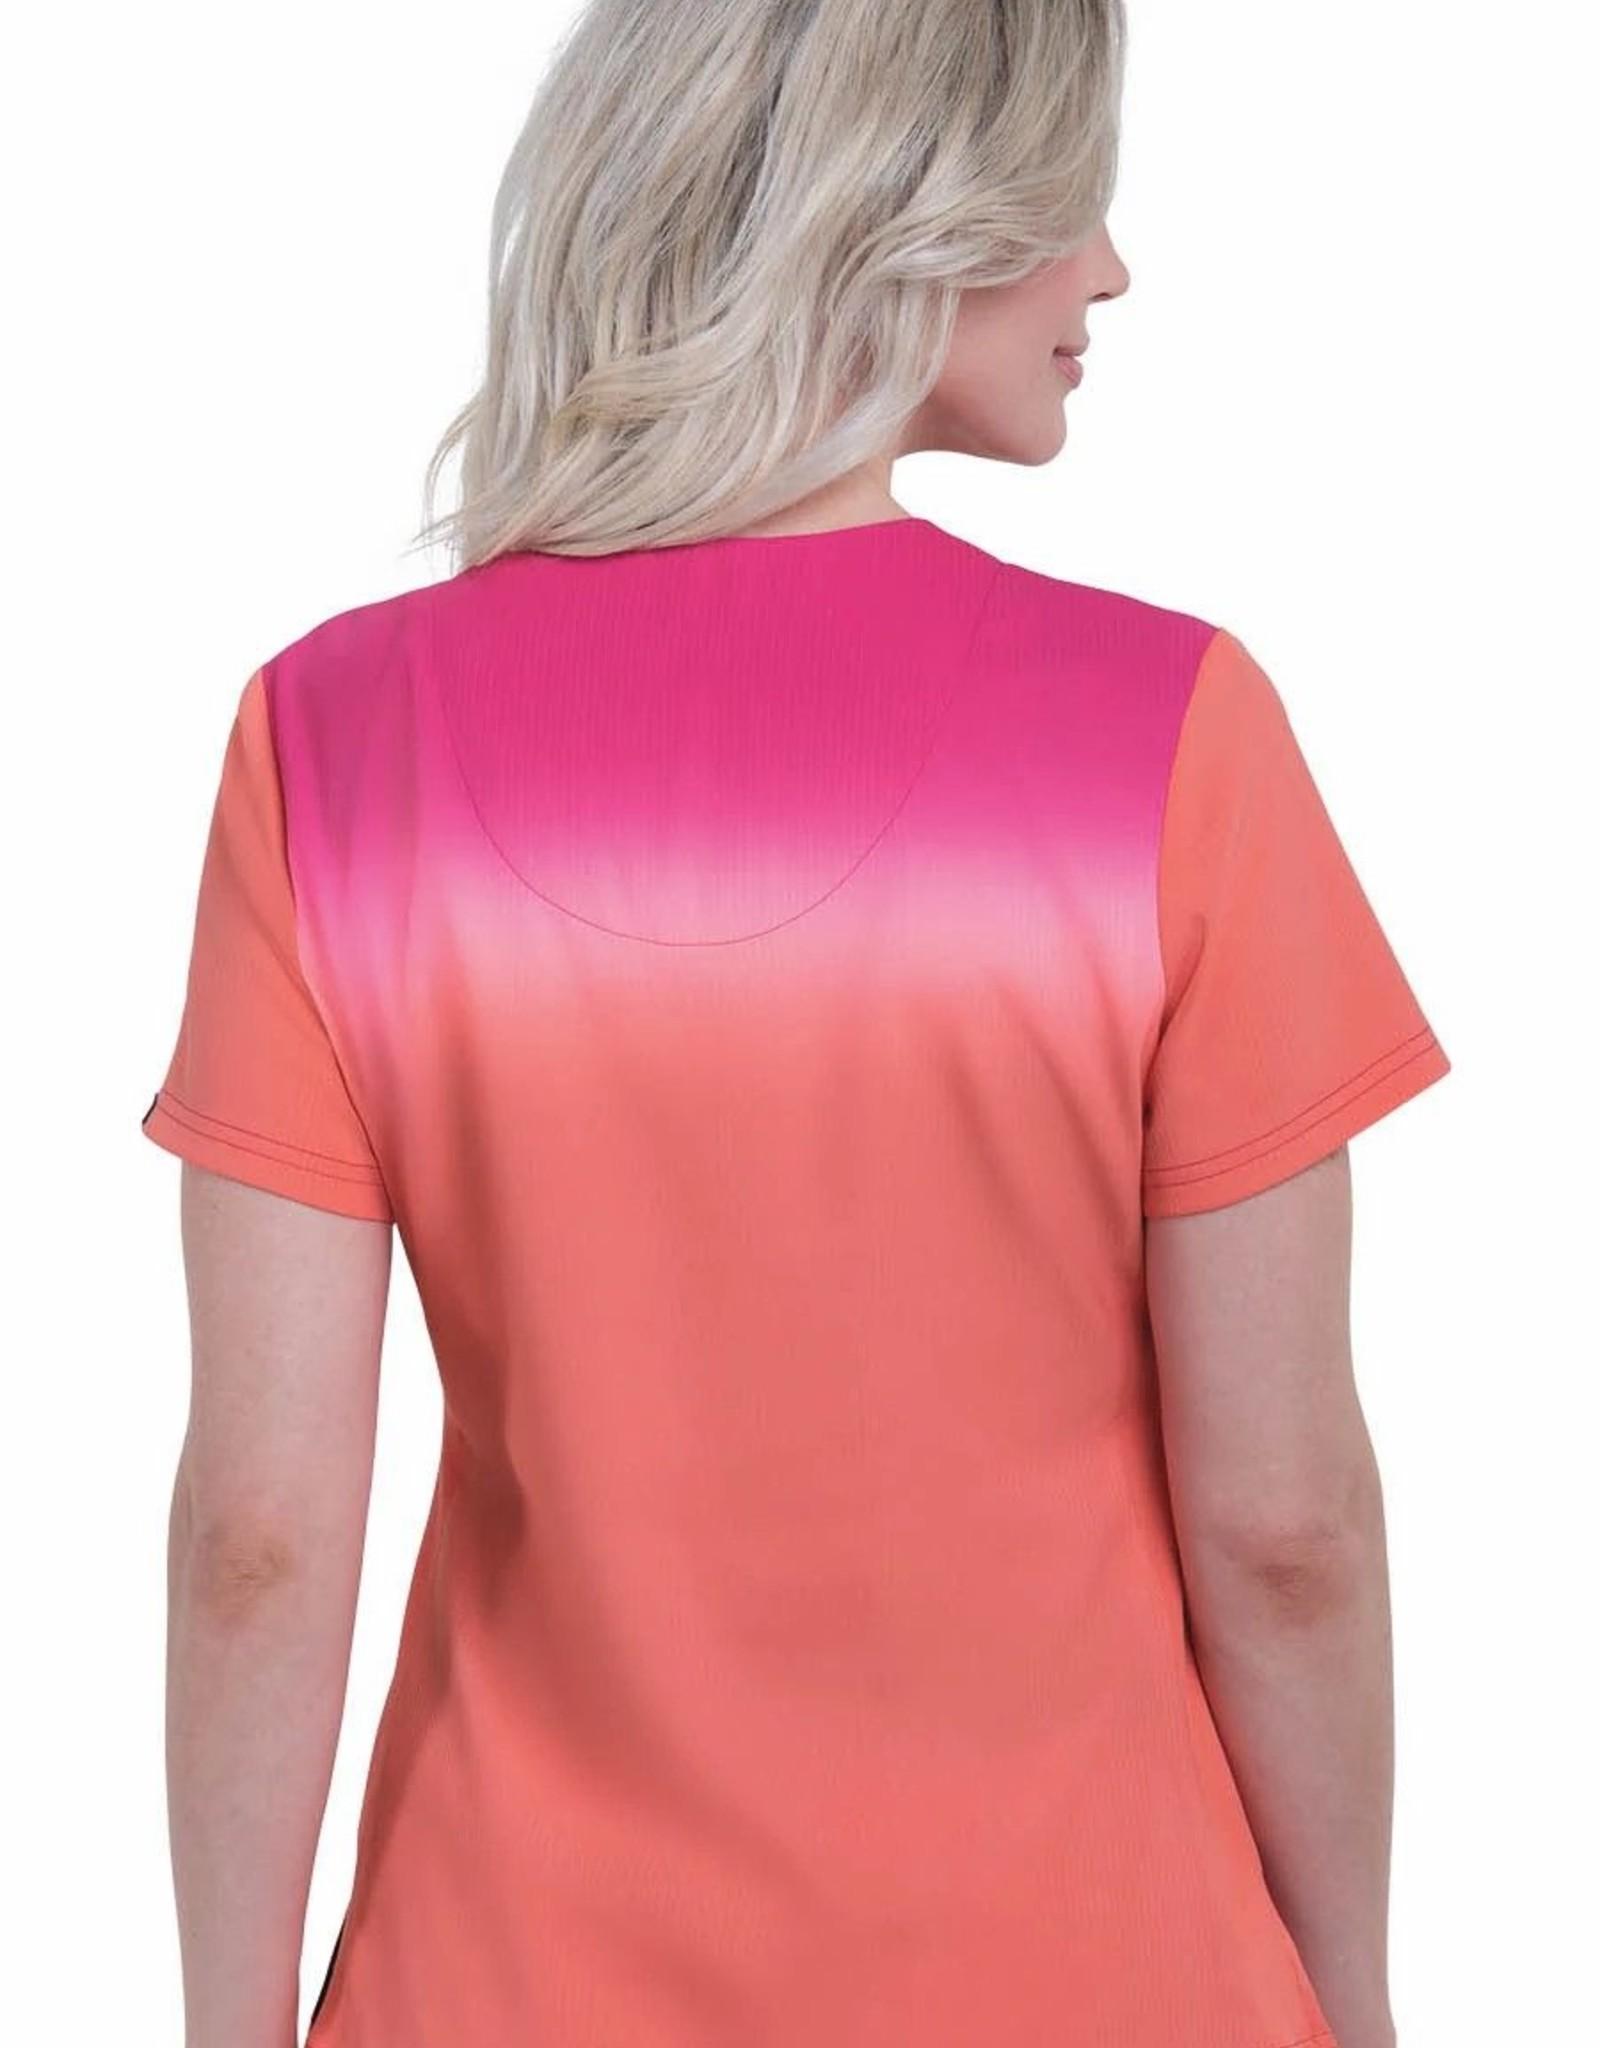 Koi Lite Koi Reform Top Flamingo/ Coral